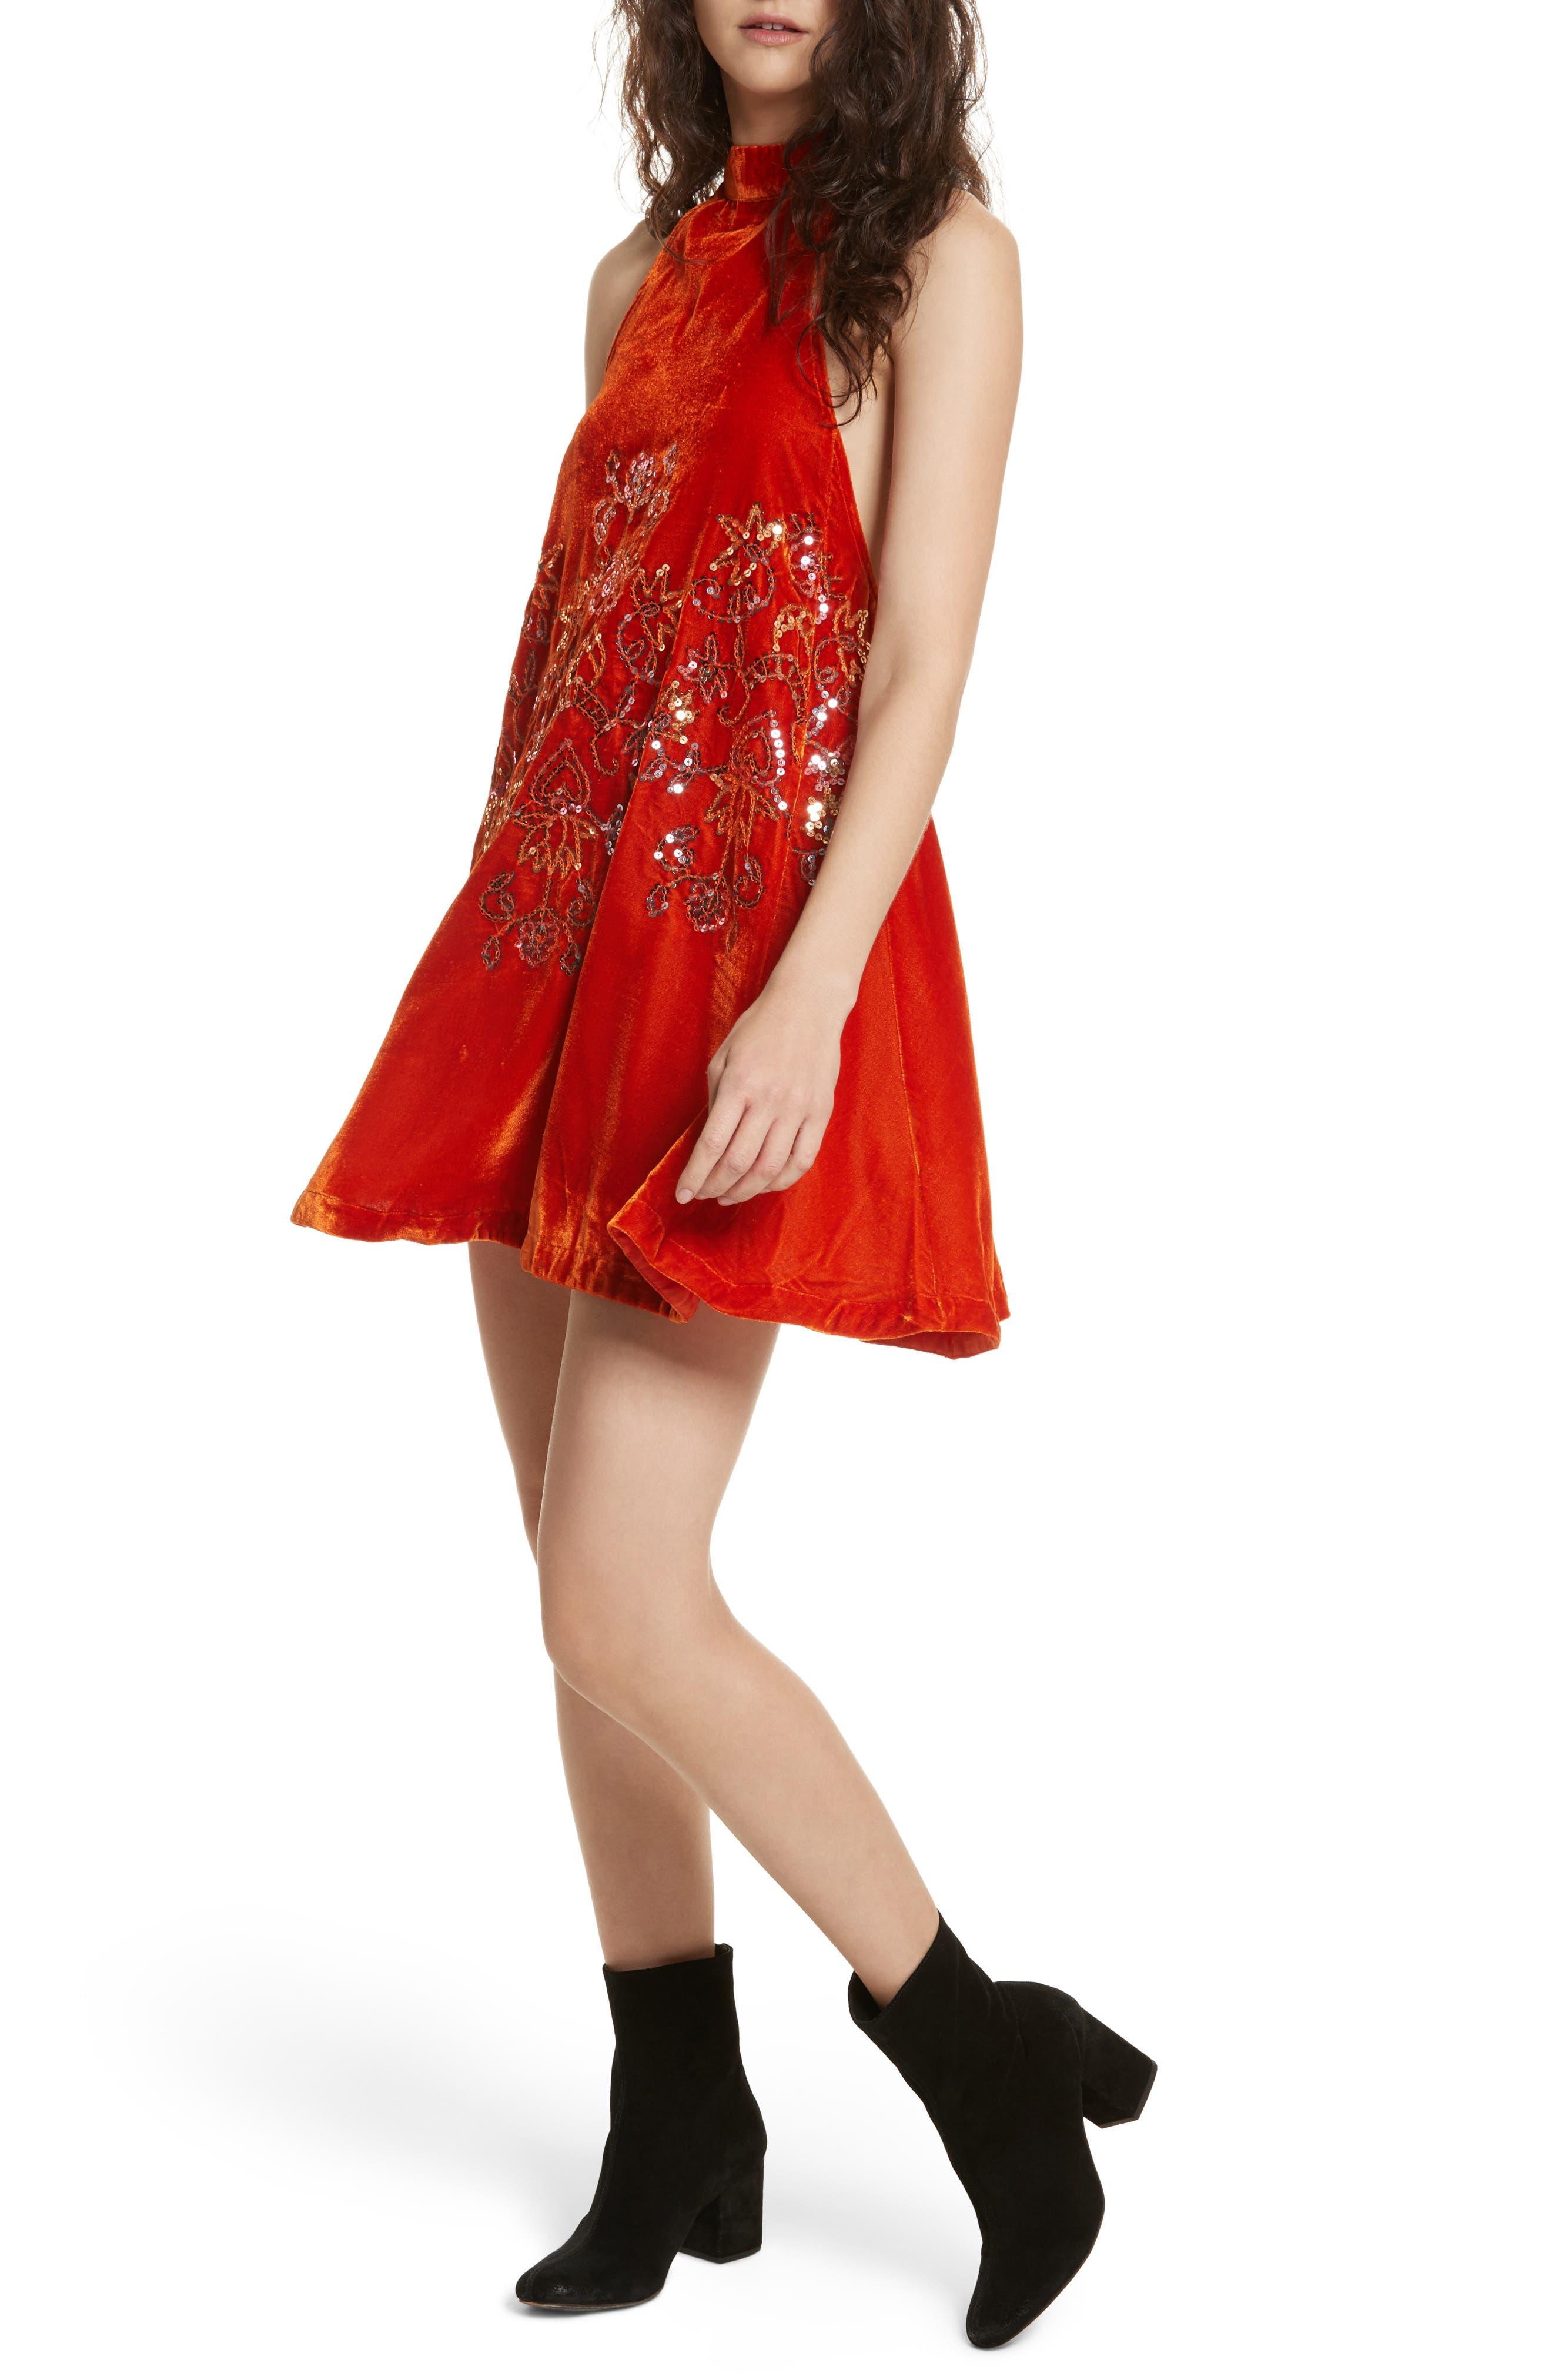 Free People Jill's Sequin Swing Dress